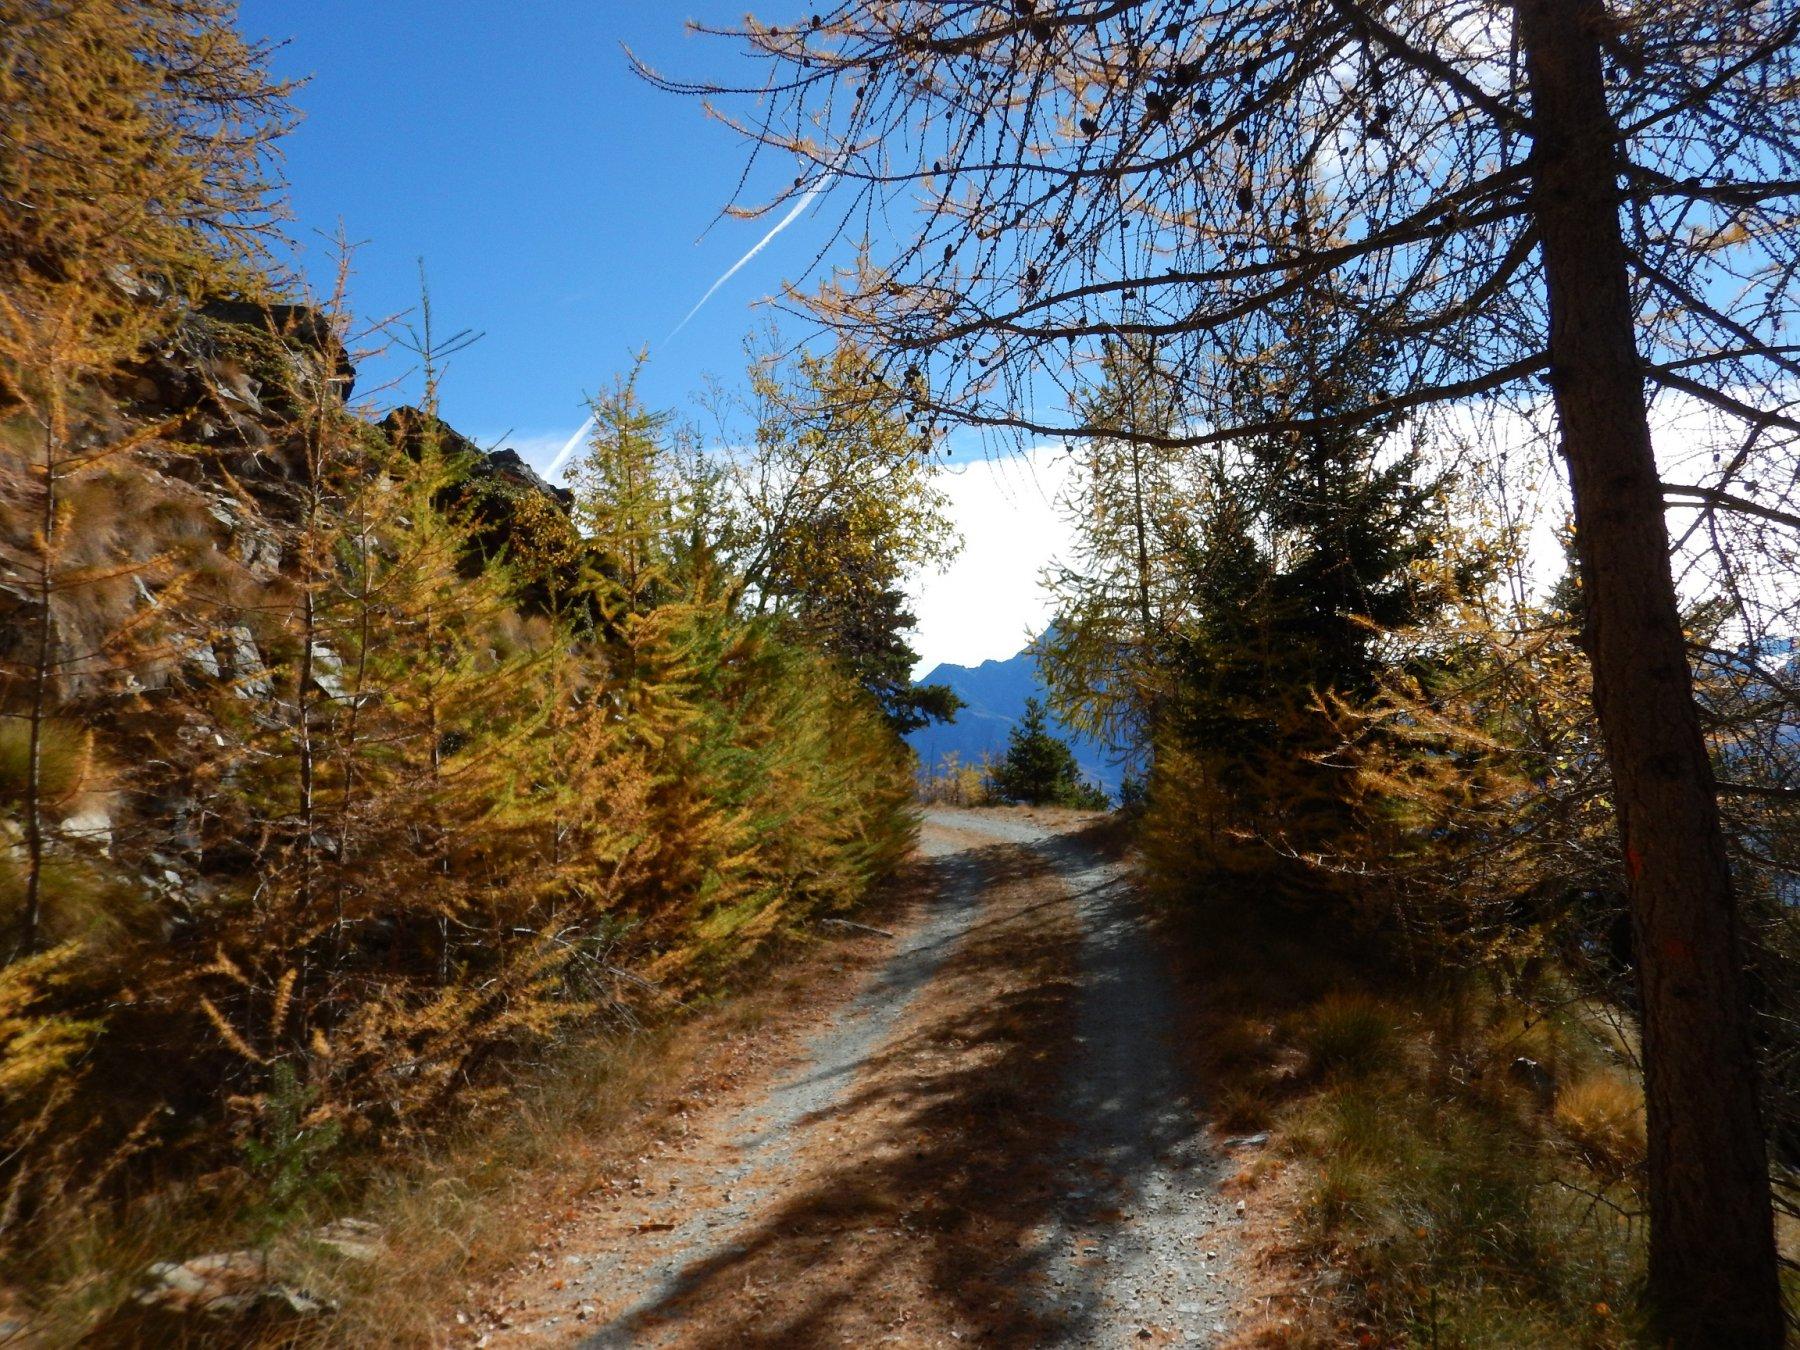 Viou (Alpe di) da Veynes 2017-10-26